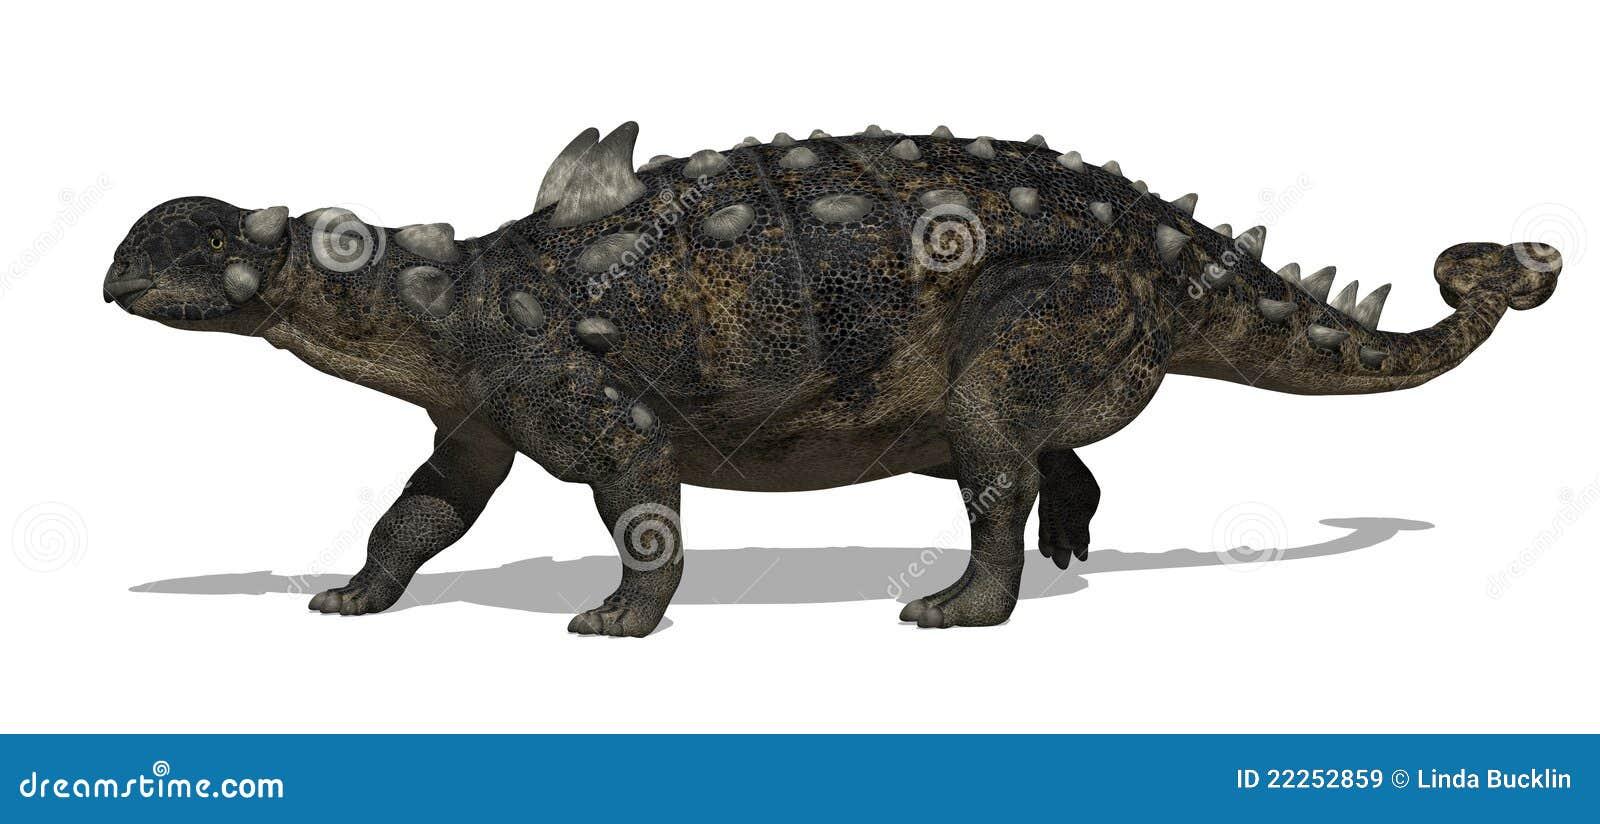 Euoplocephalus Dinosau...